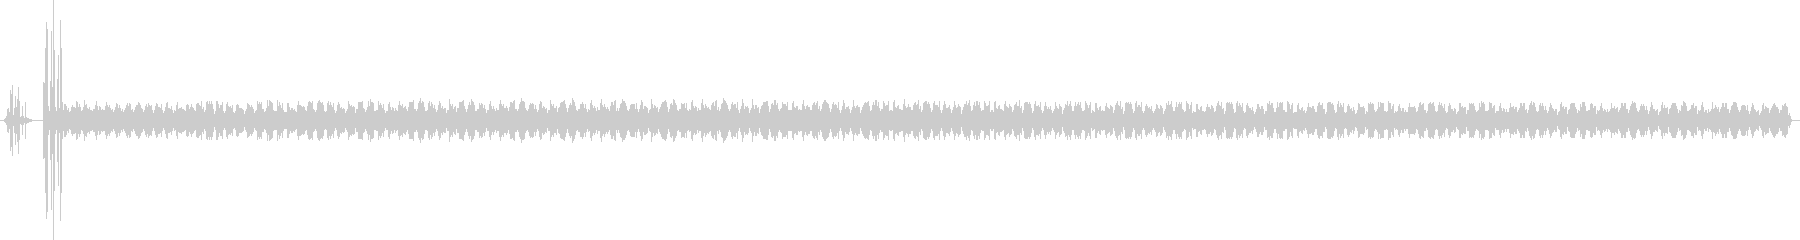 スペースコンピュータテレメトリーの...の未再生の波形